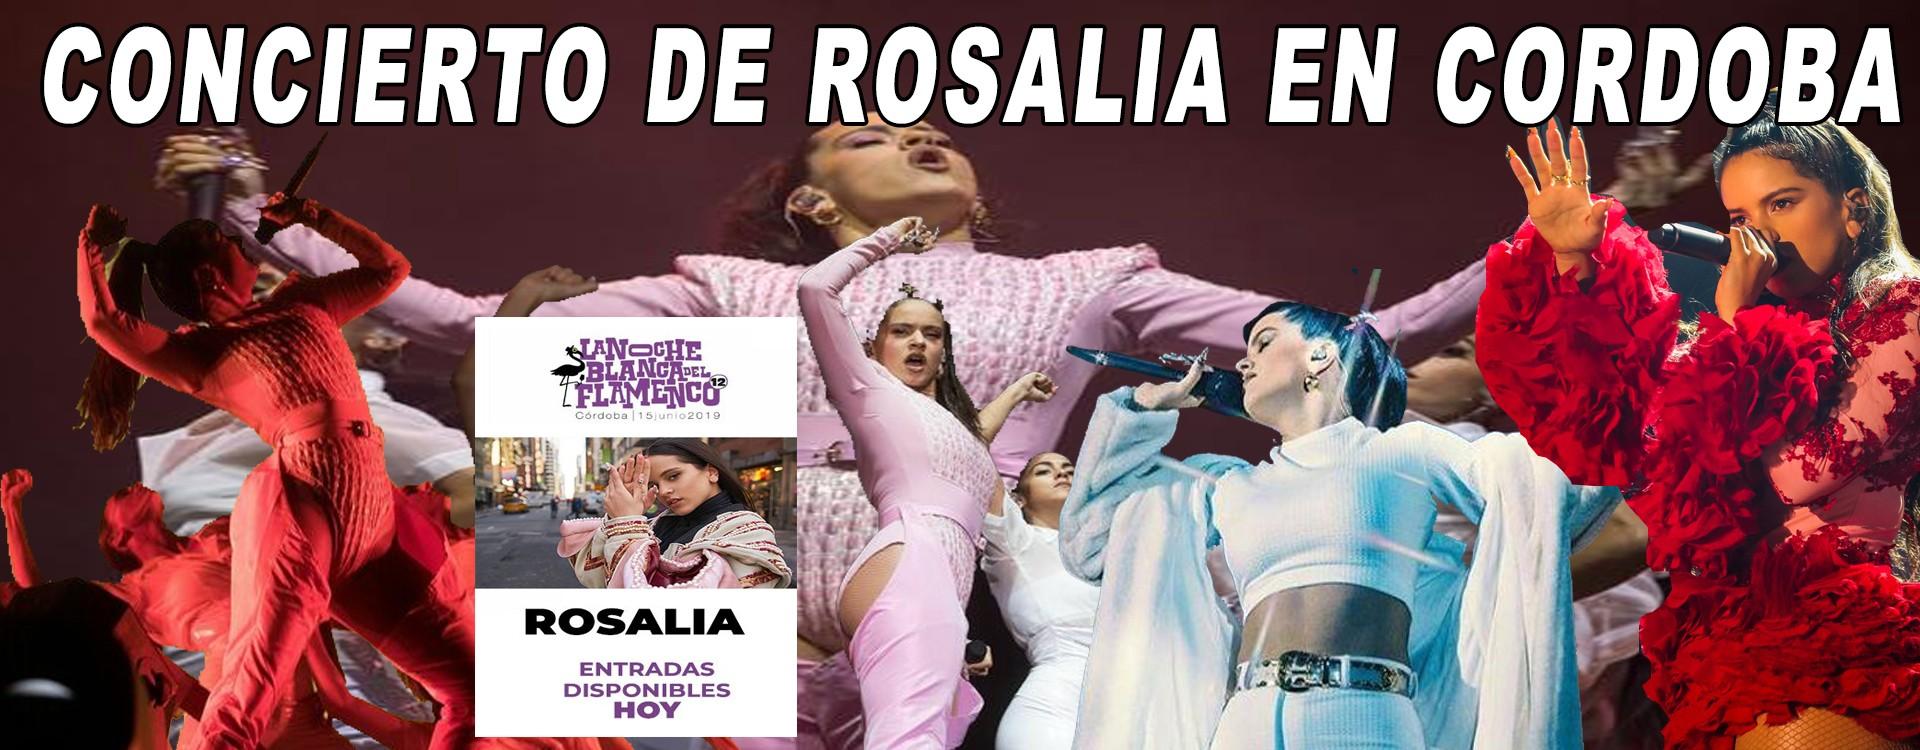 CONCIERTO DE ROSALIA EN CORDOBA LOS VIDEOS COMPLETO